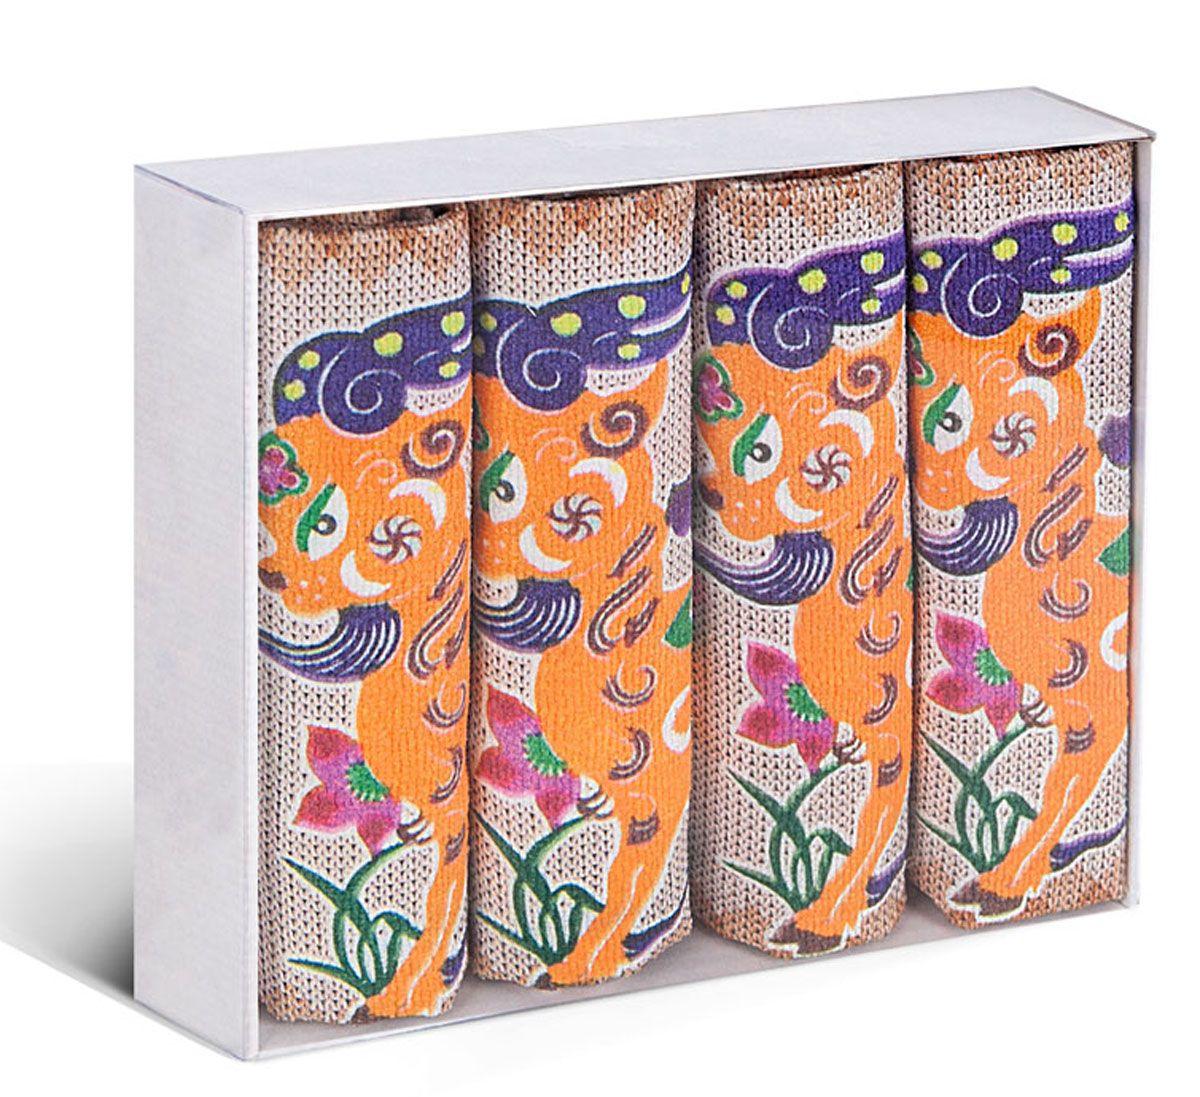 Набор кухонных полотенец Soavita, цвет: оранжевый, белый, 38 х 64 см, 4 штVT-1520(SR)Набор Soavita состоит из 4 вафельных полотенец. Изделия выполнены из микрофибры и оформлены яркими, оригинальными вышивками. Полотенца используются для протирки различных поверхностей, также широко применяются в быту.Такой набор станет отличным вариантом для практичной и современной хозяйки.Перед использованием постирать при температуре не выше 40 градусов.